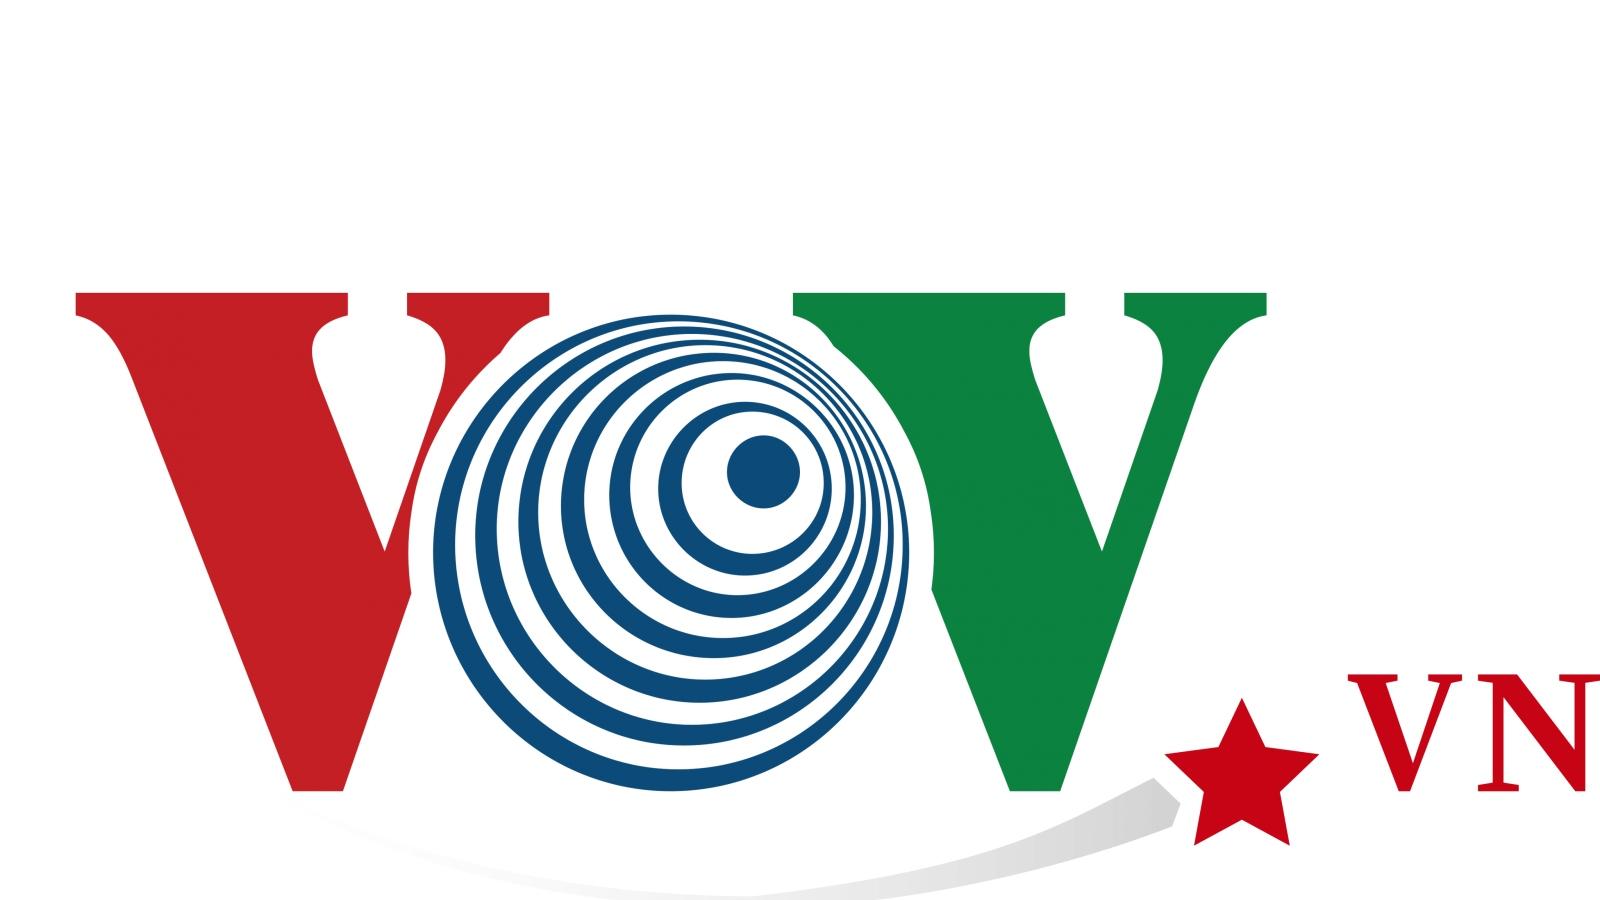 VOV tuyển dụng 6 vị trí viên chức cho Báo điện tử VOV